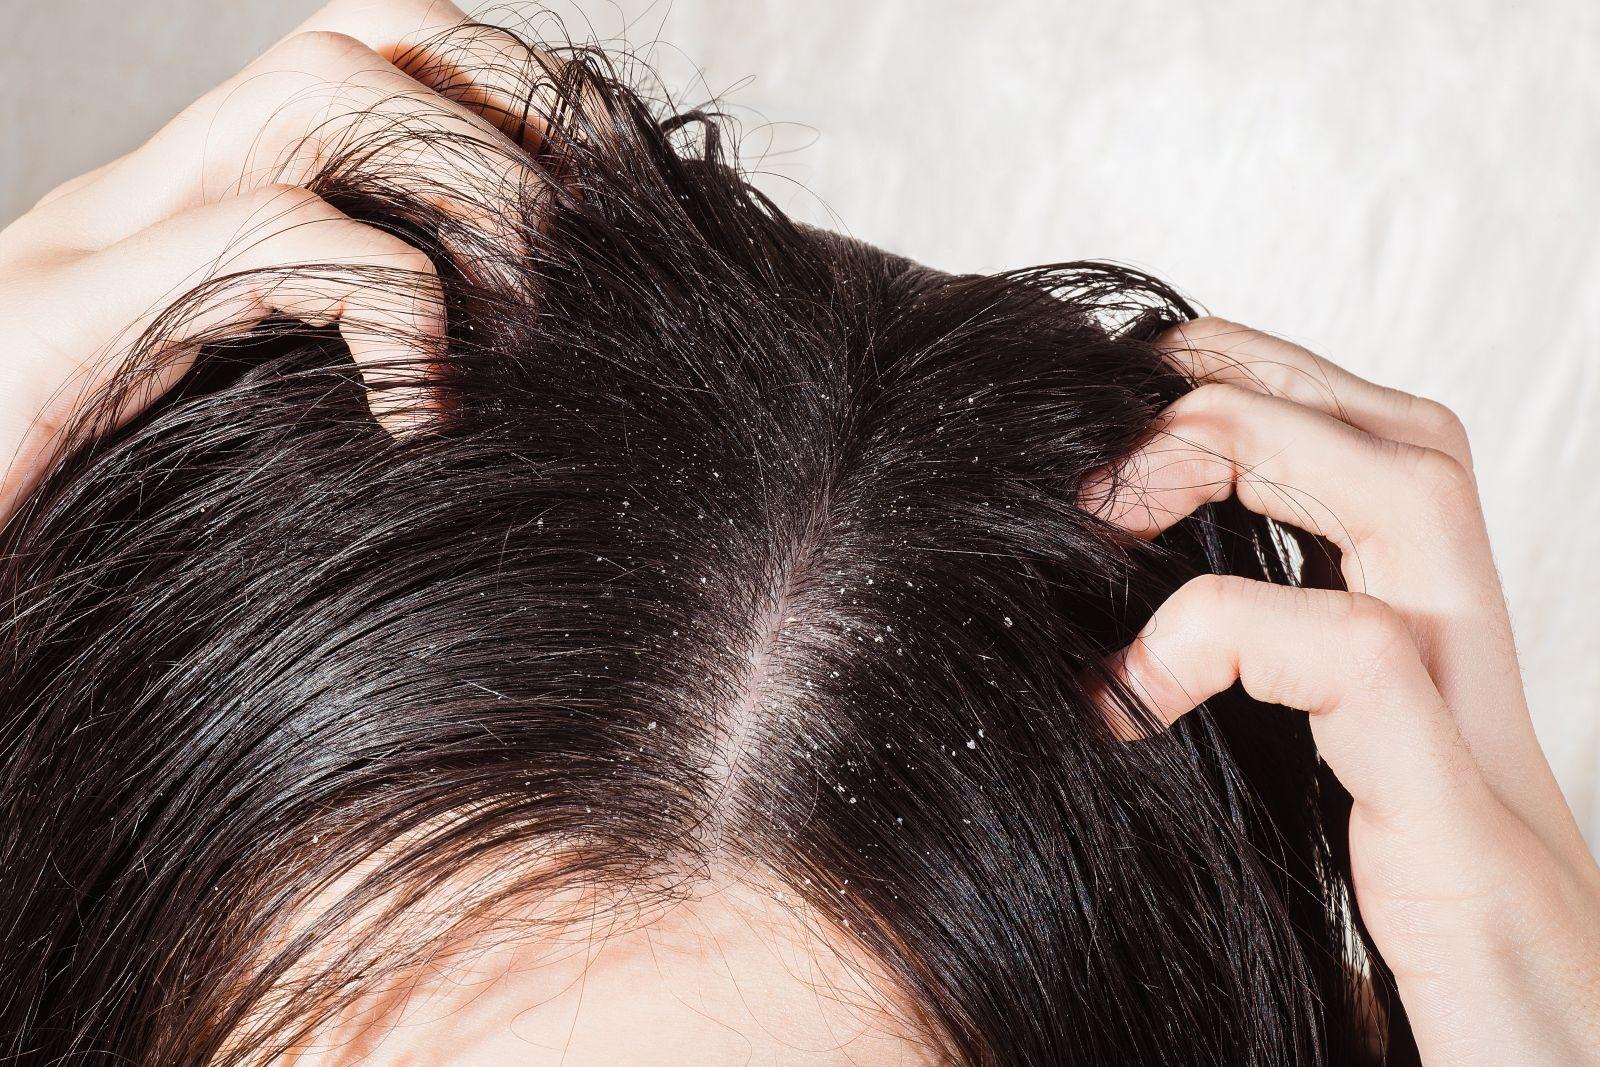 fejbőr psoriasis kezelése hormonok nlkl gennyes pikkelysömör kezelése